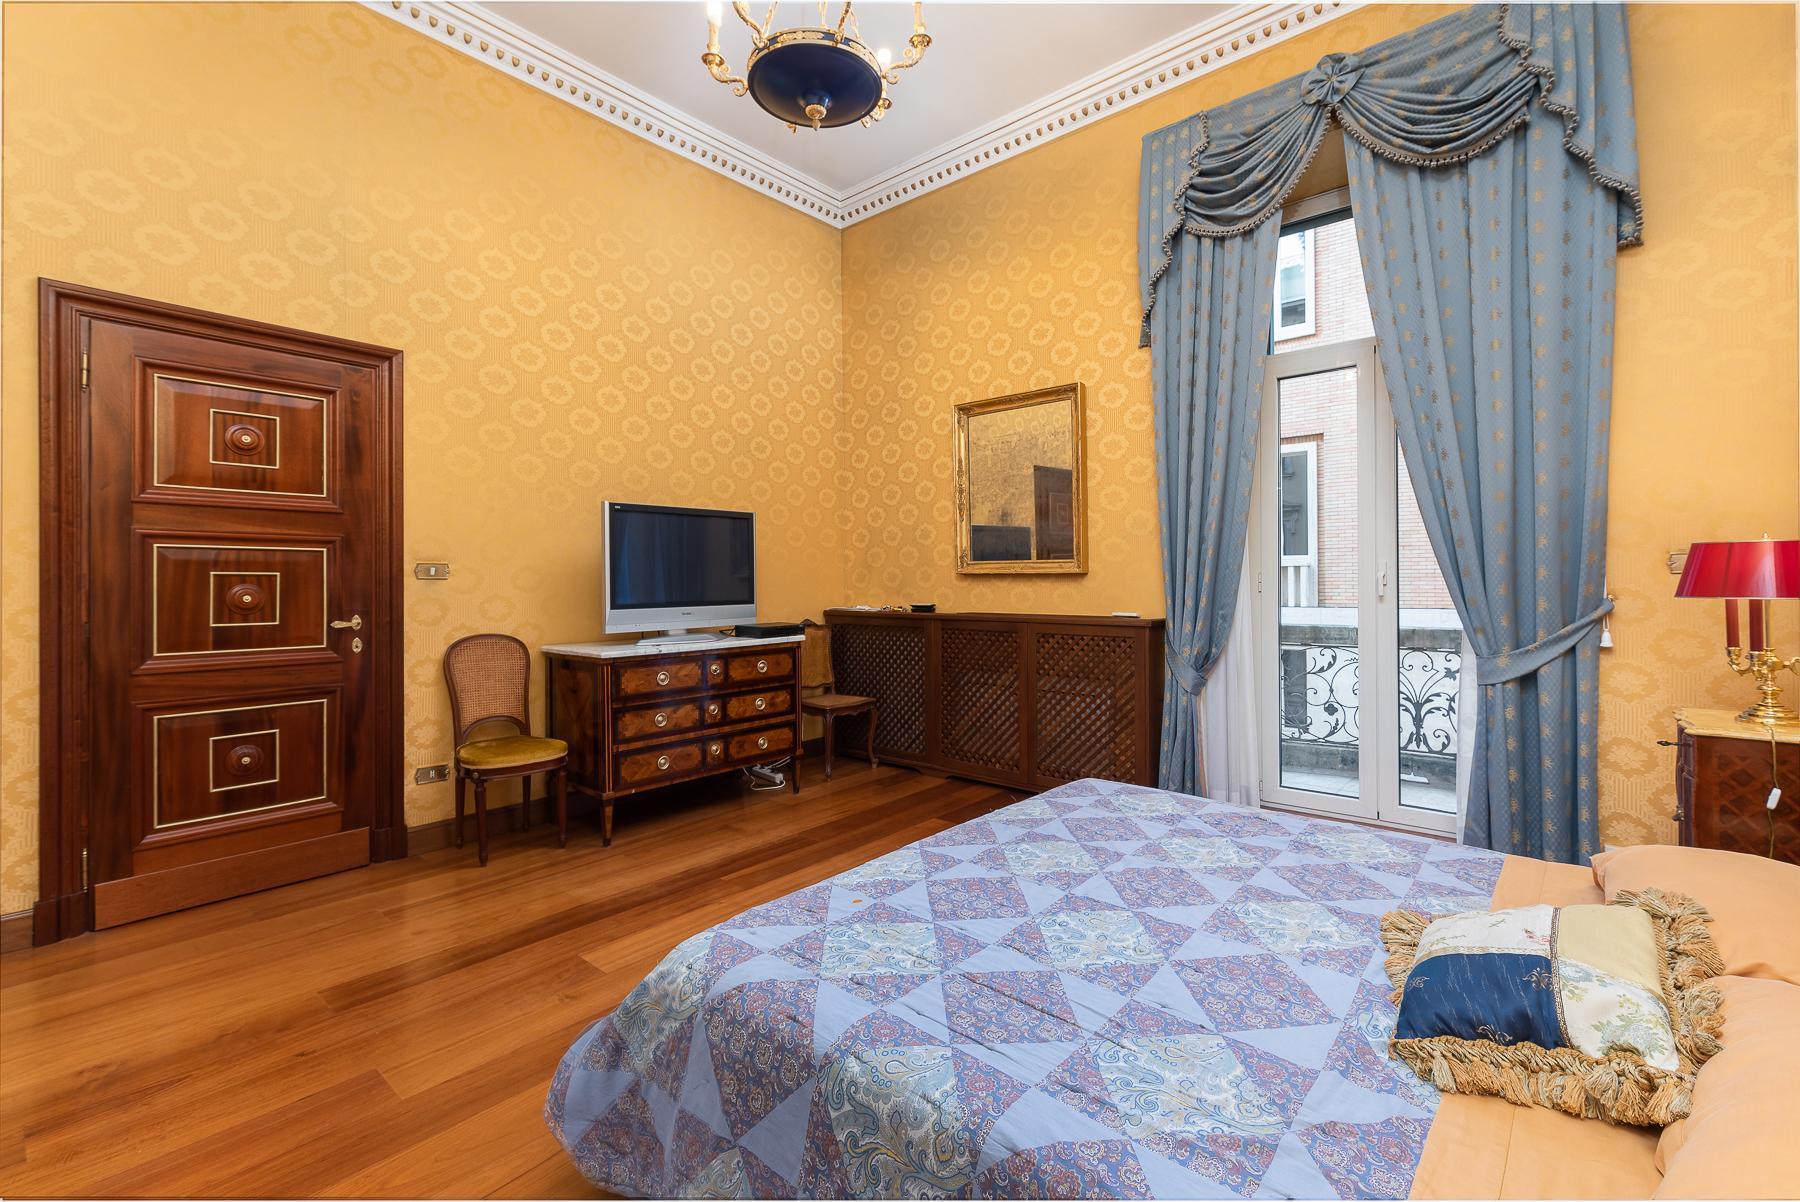 Роскошная квартира с большой террасой  в элегантном здании начала 900 года - 9